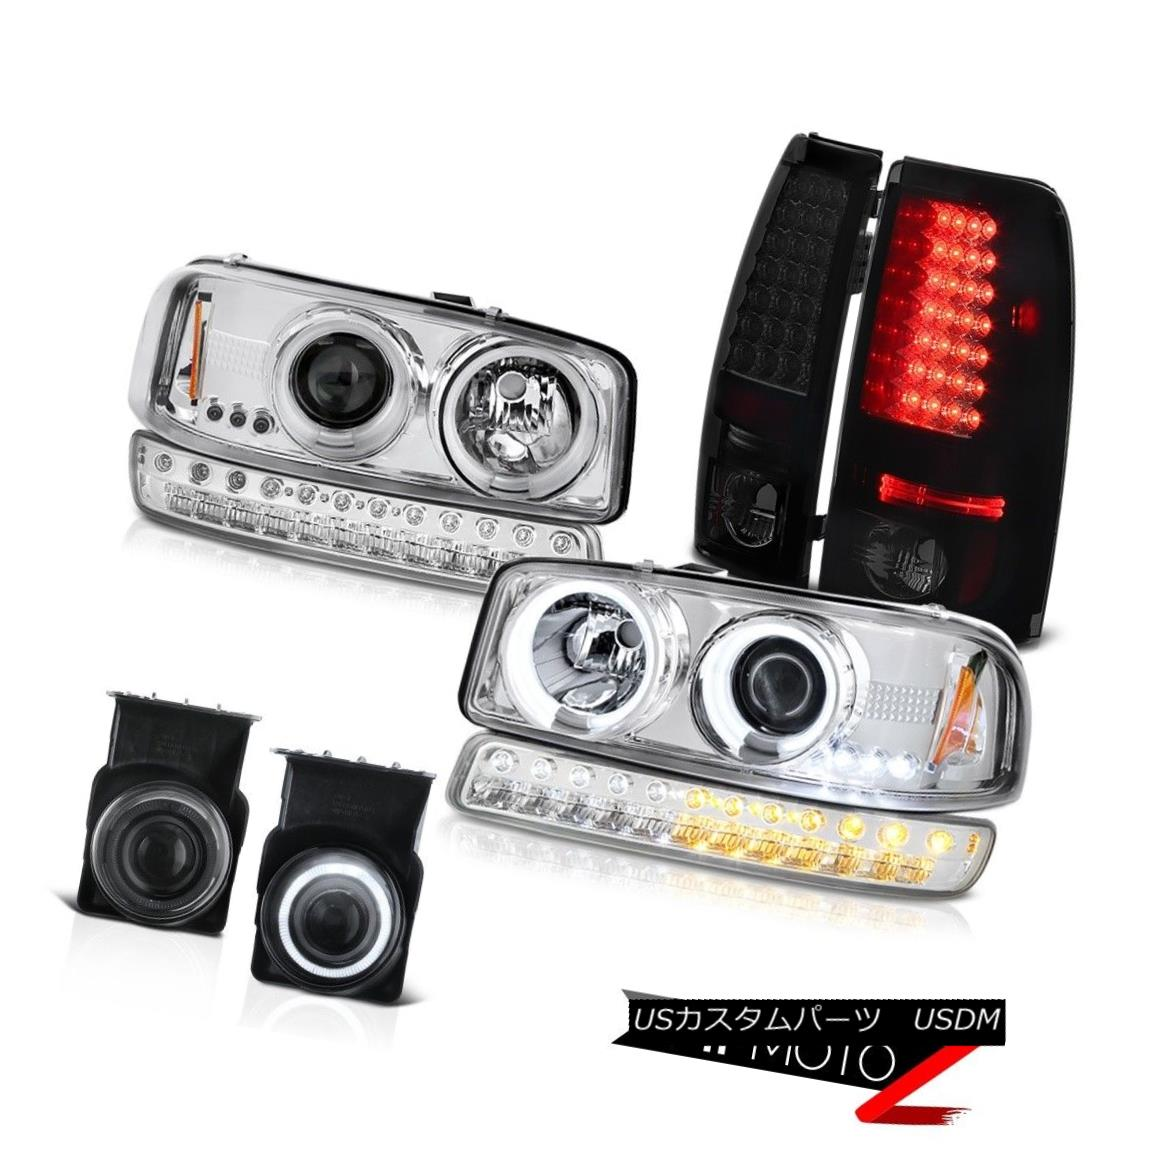 ヘッドライト 03-06 Sierra 1500 Phantom Smoke Fog Lamps SMD Tail Signal Light CCFL Headlights 03-06 Sierra 1500ファントム煙霧ランプSMDテールシグナルライトCCFLヘッドライト